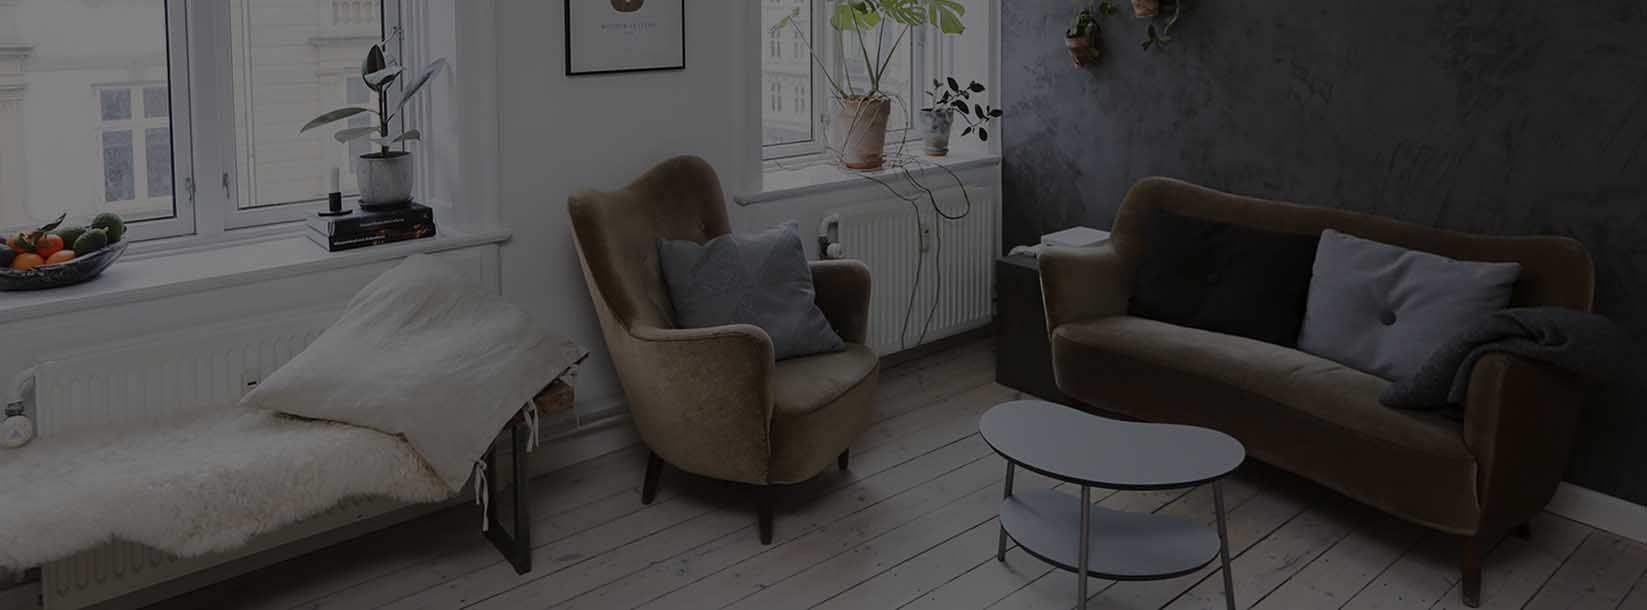 Diseño de oficinas inmobiliarias, espacios sofisticados